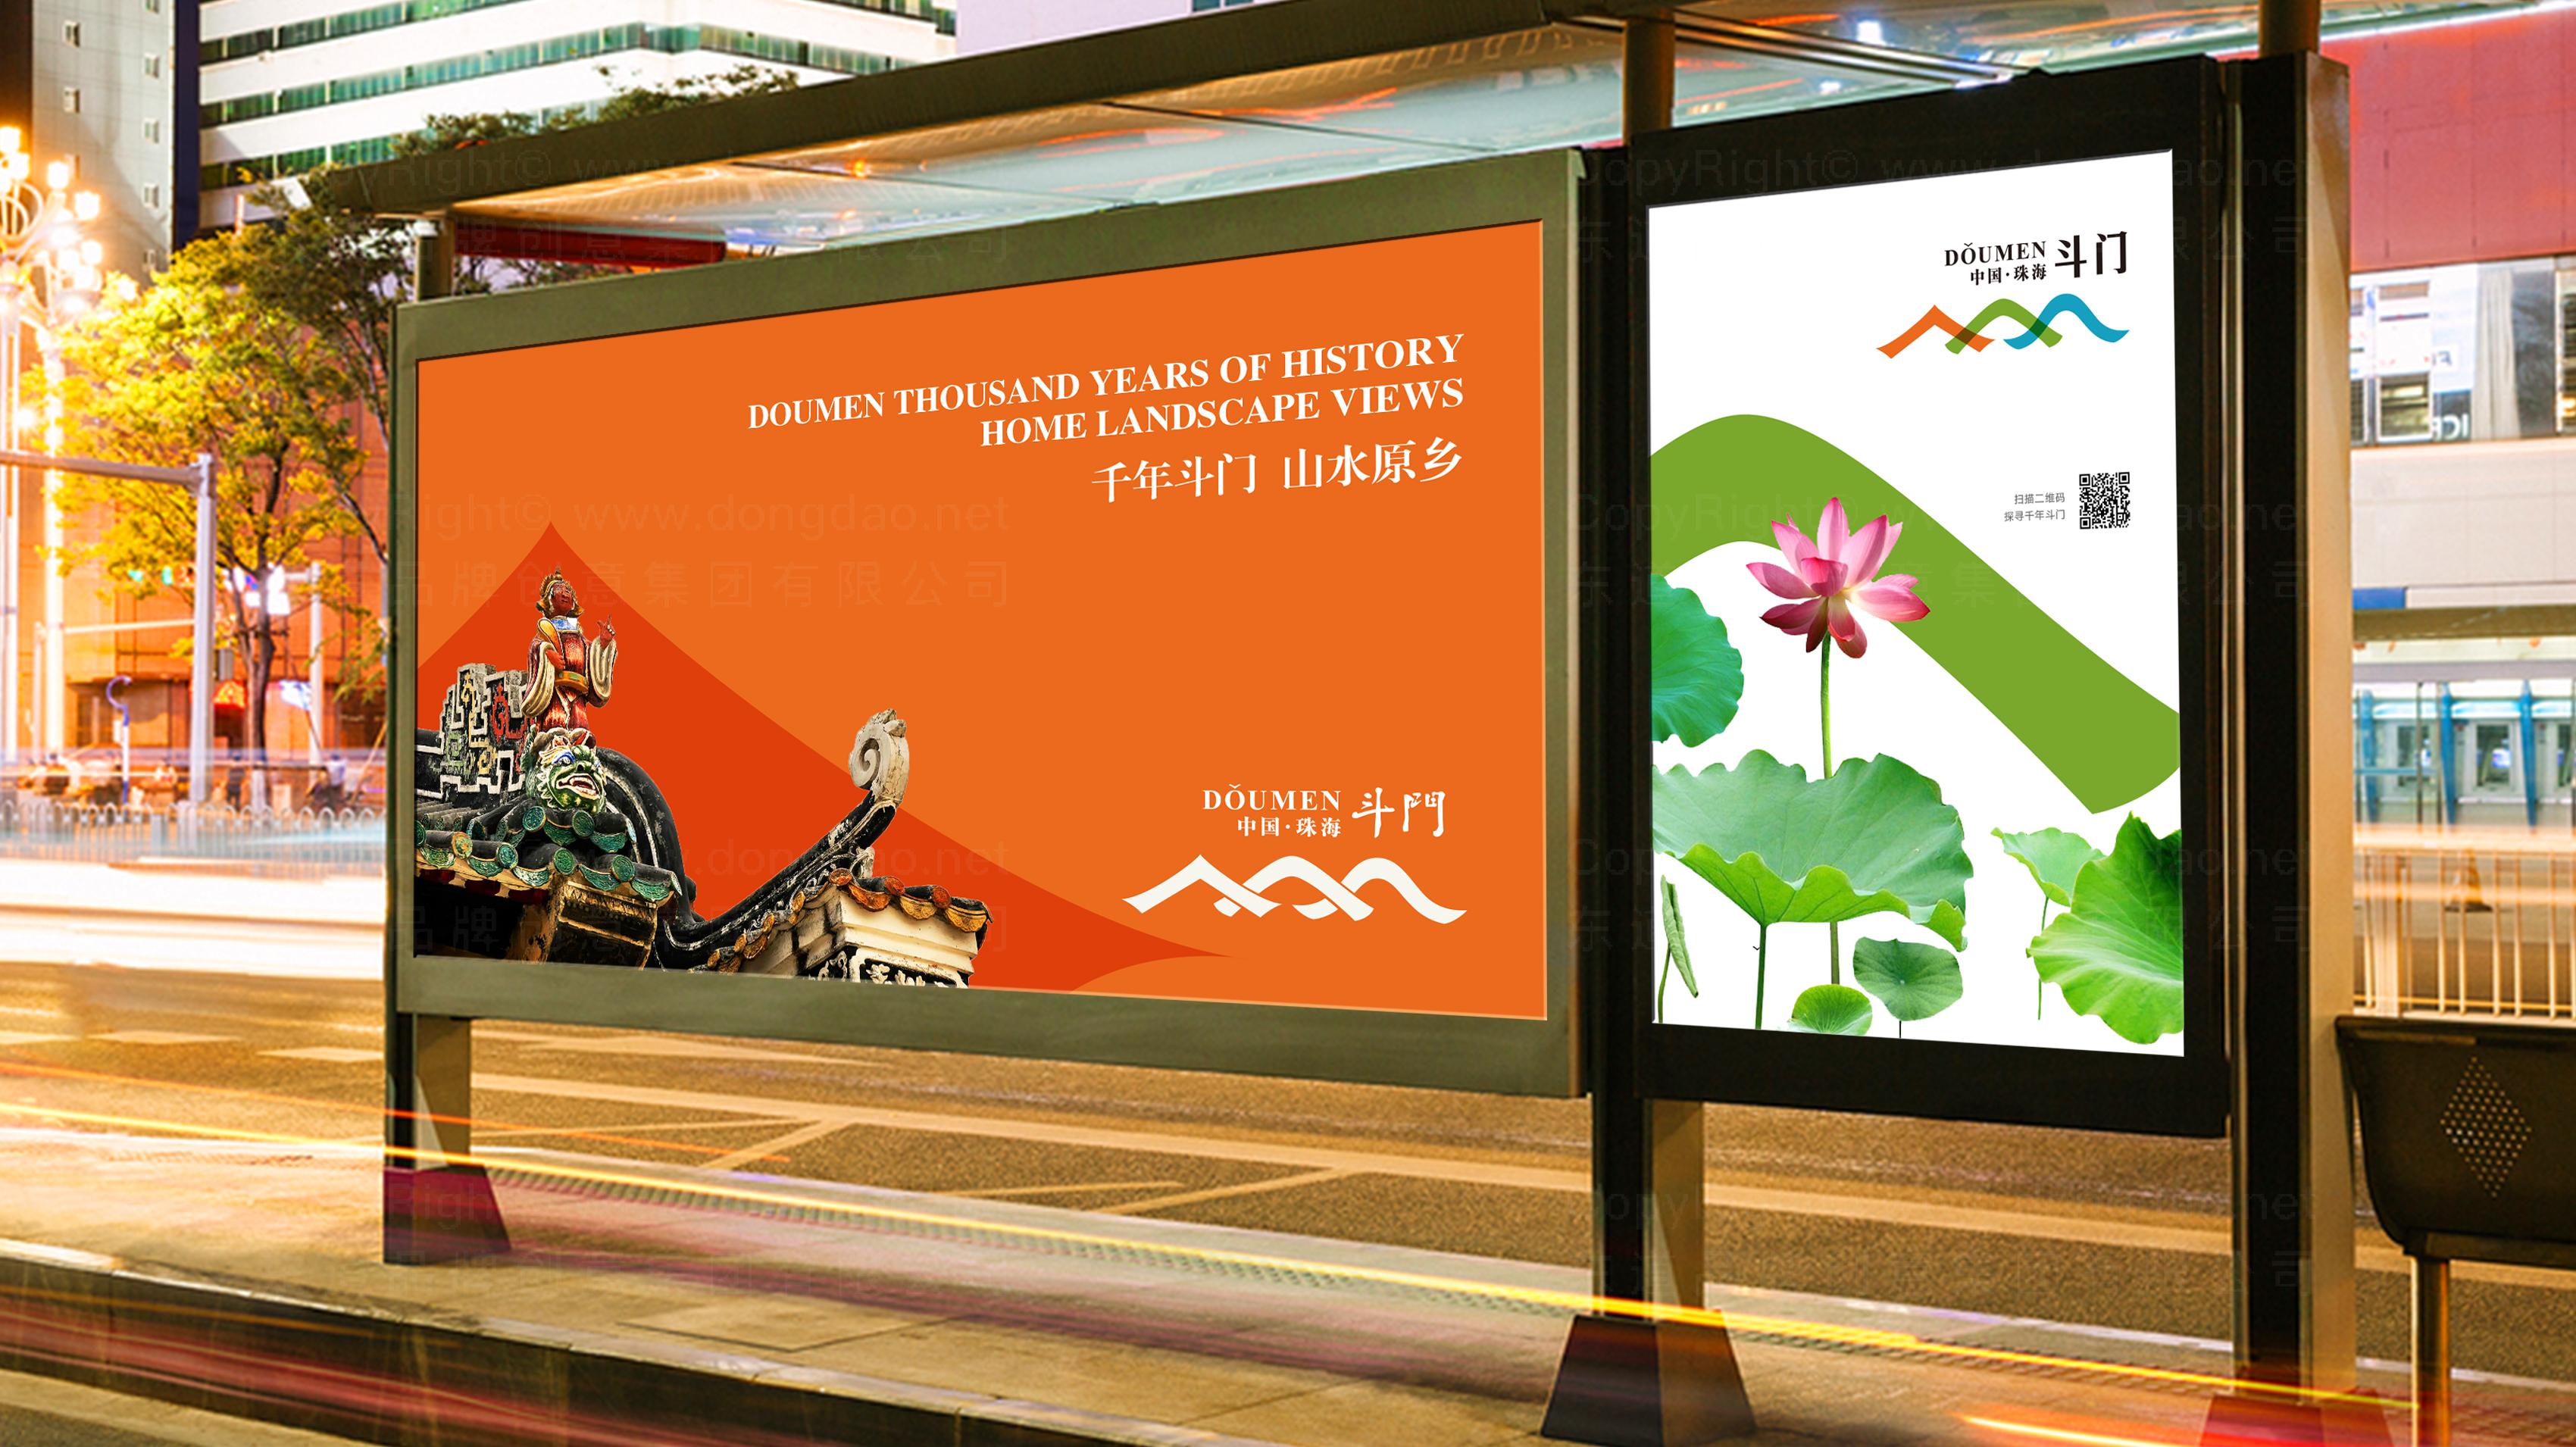 斗门旅游局logo设计、vi设计应用场景_6